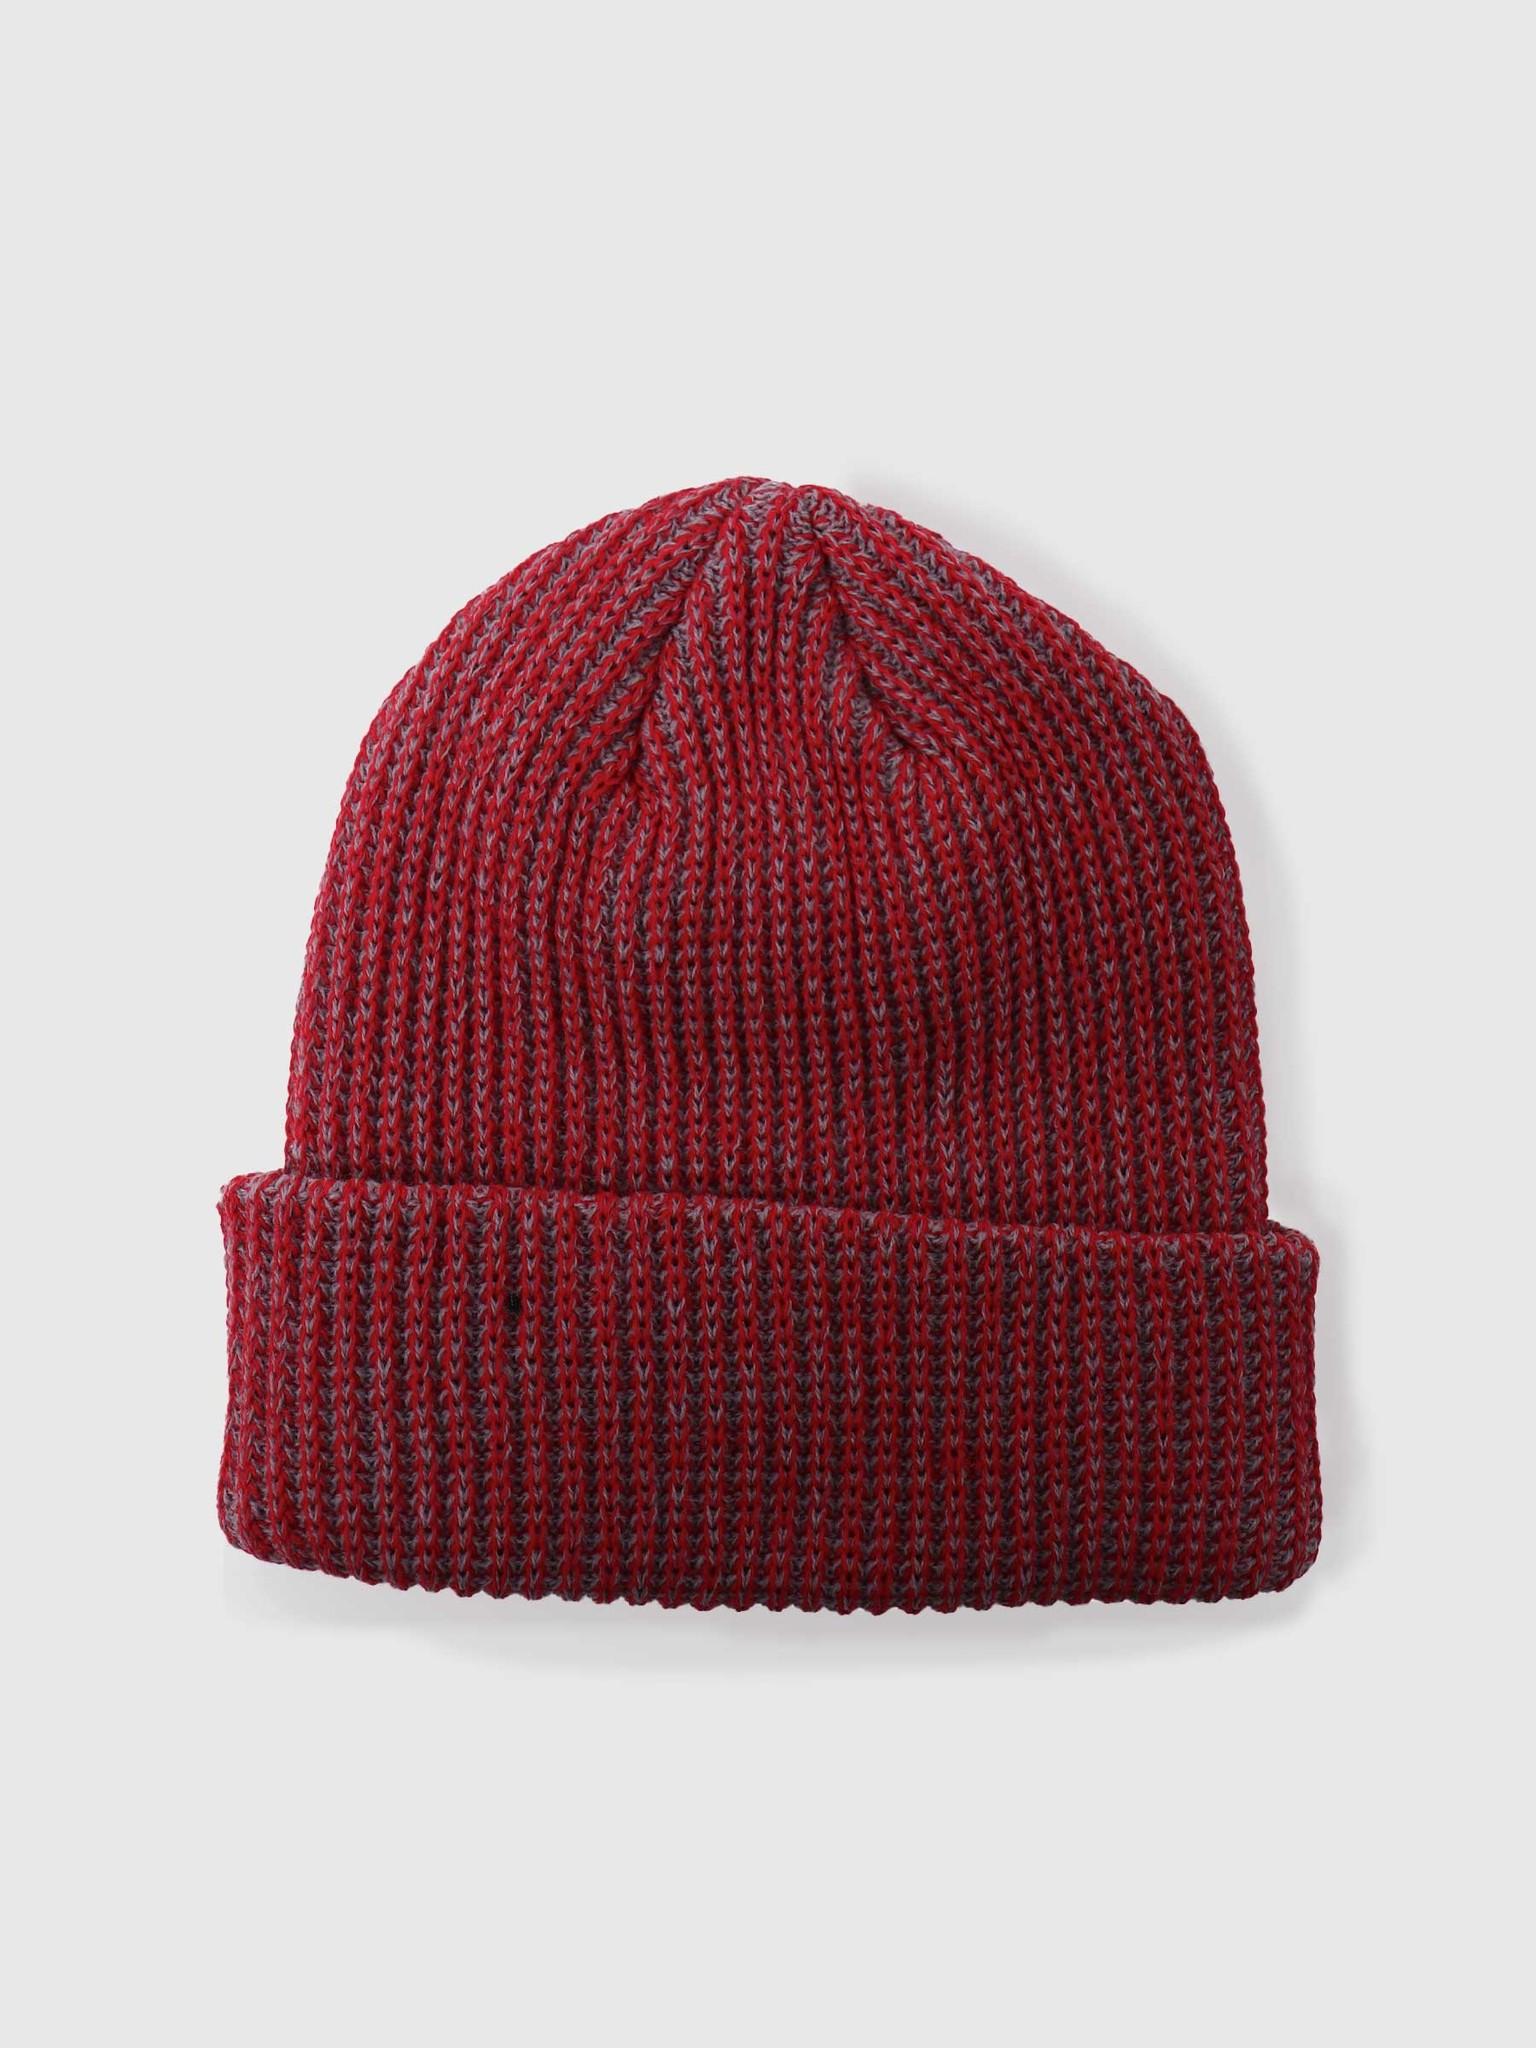 Stussy Stussy 2 Tone Knit Short Beanie Red 132987-0601